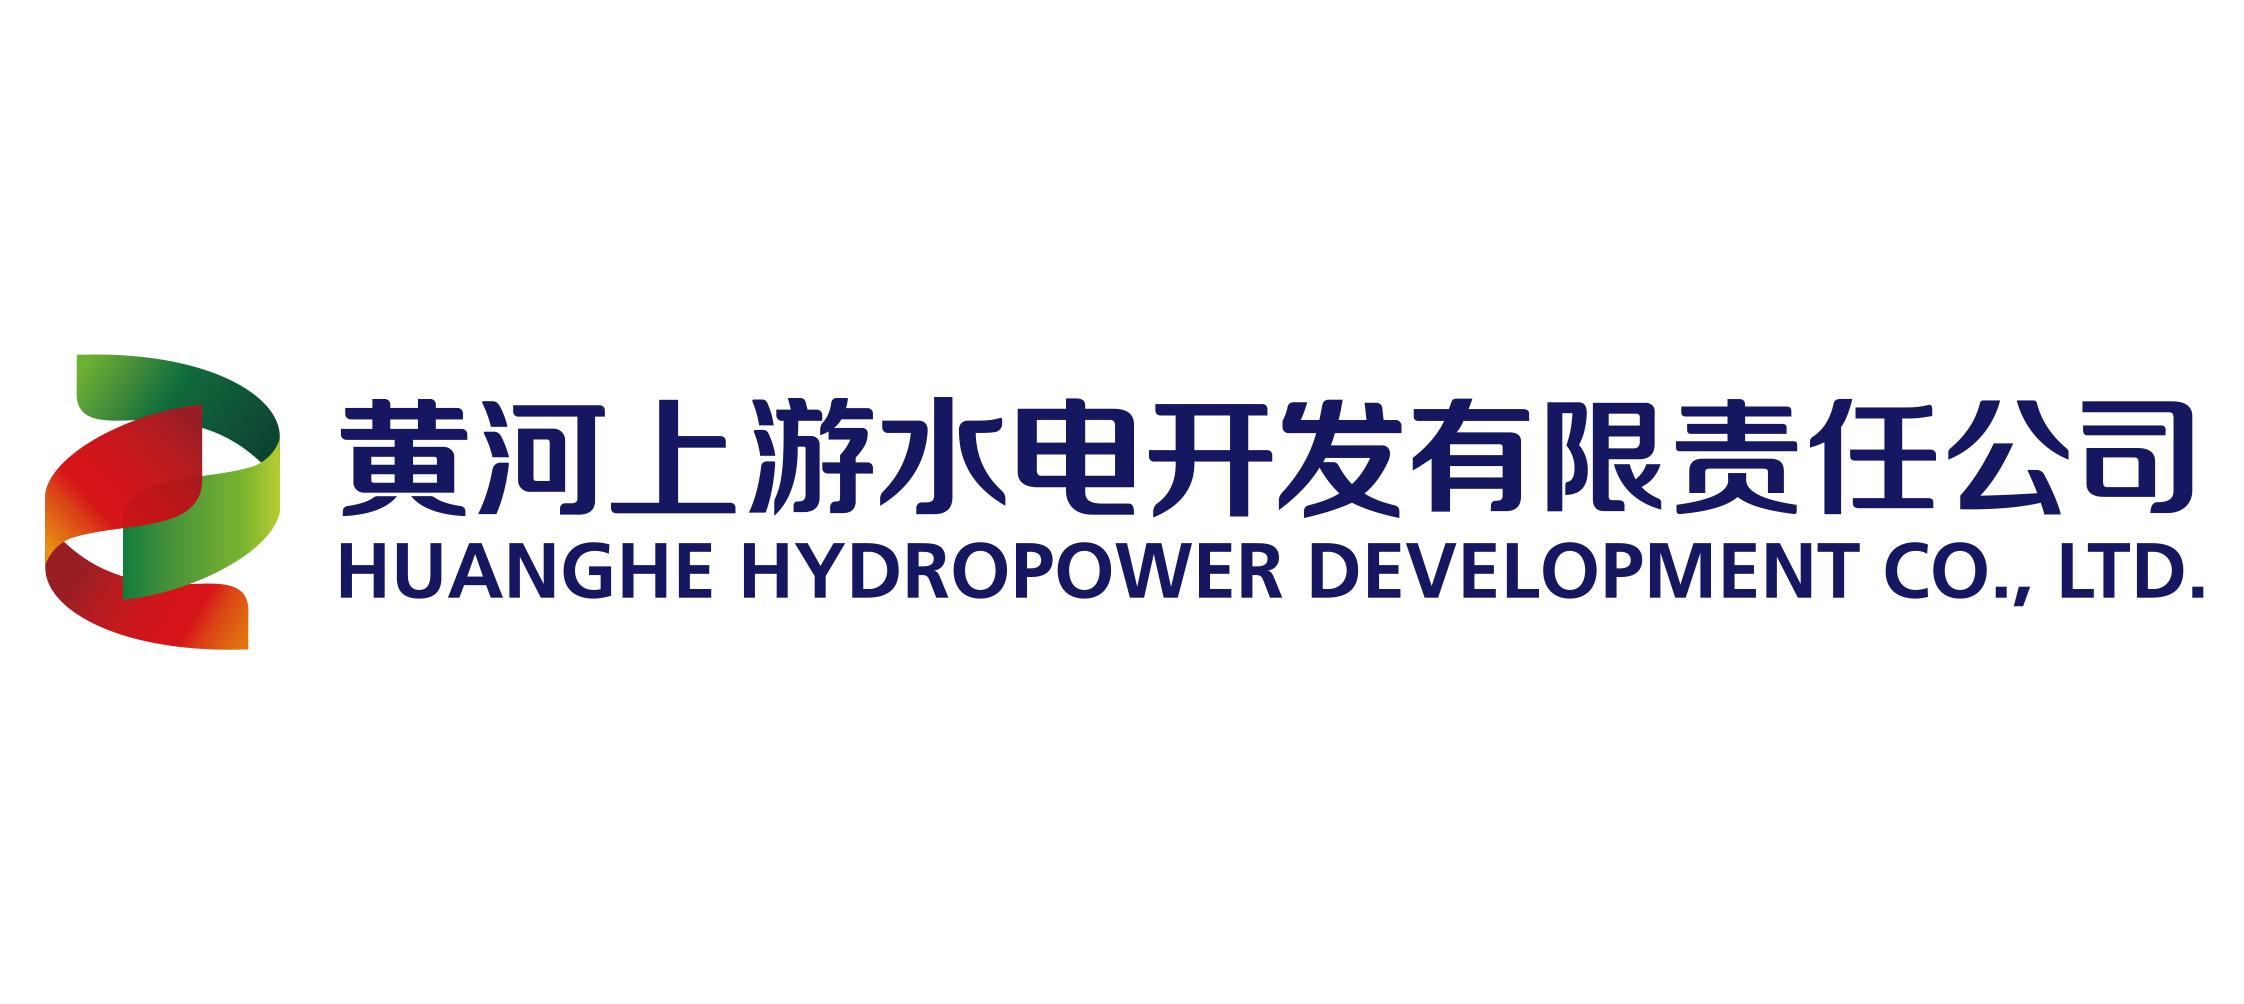 黃河水電公司-2